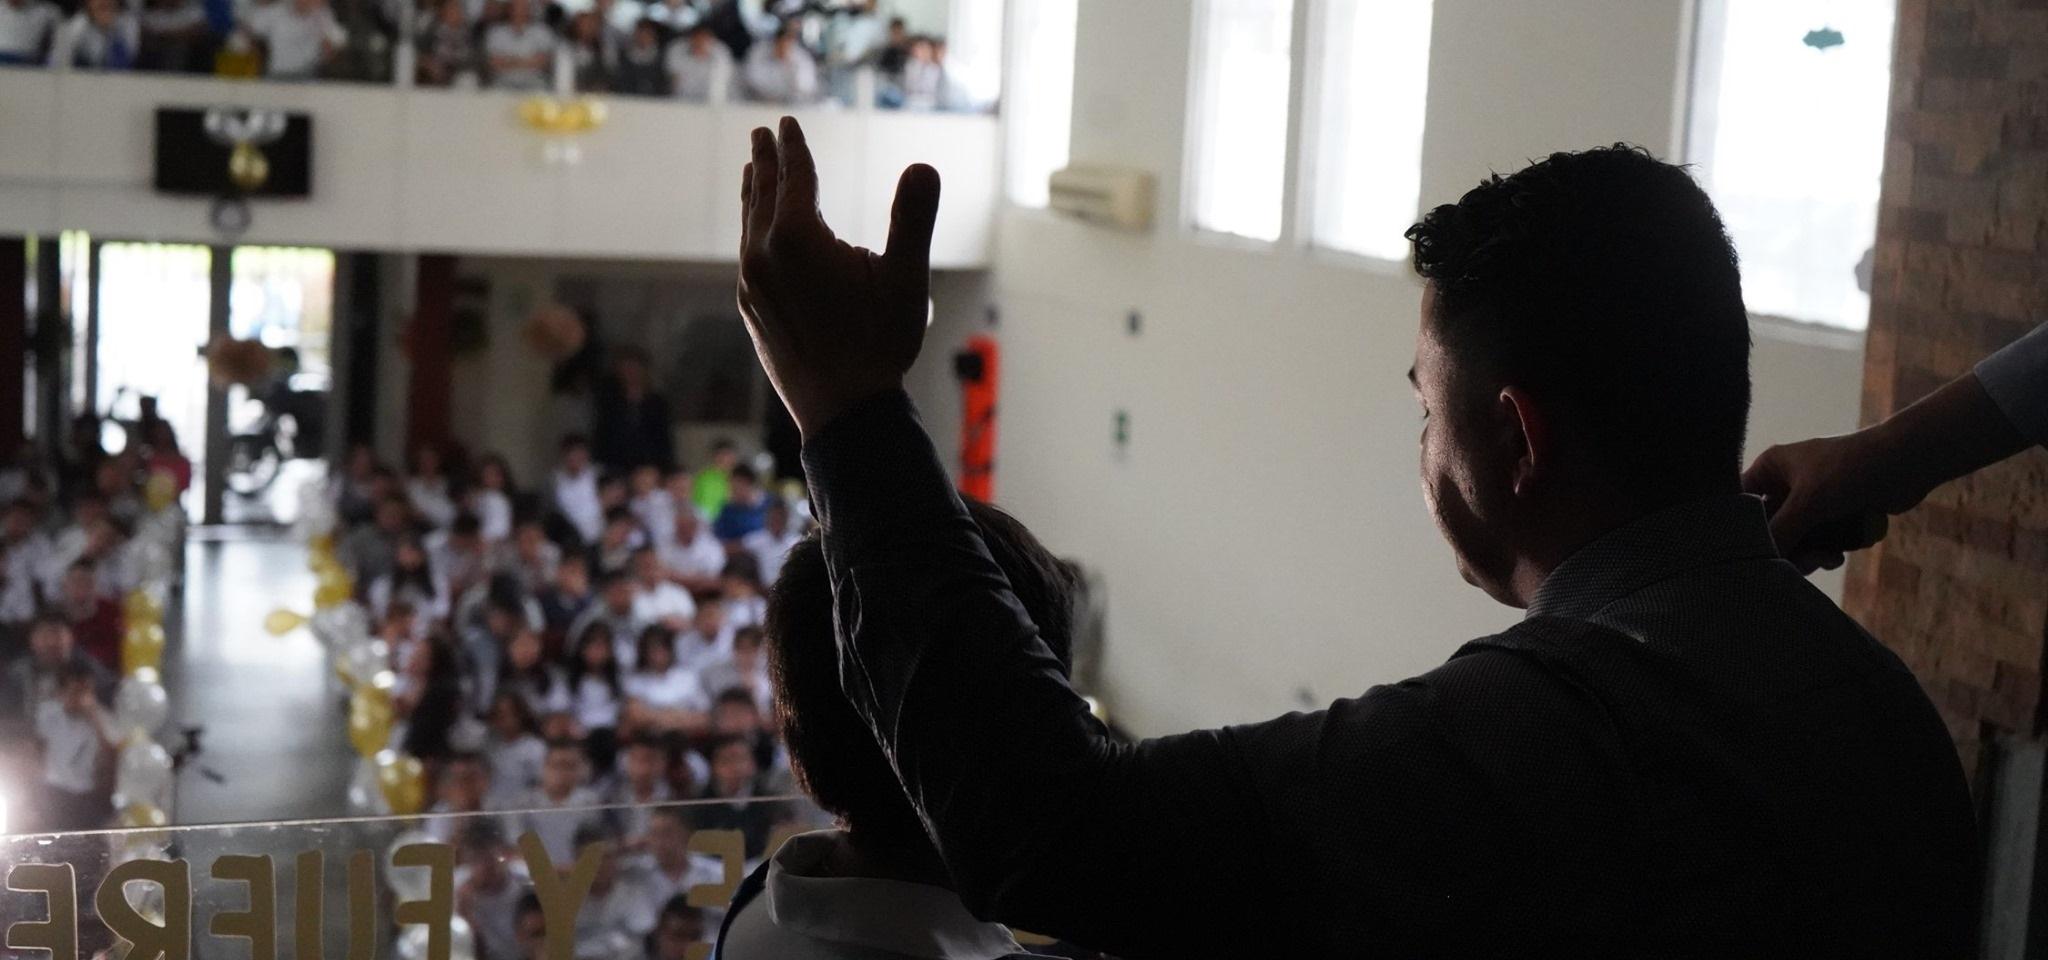 Histórico cierre de campaña estudiantil en el Colegio Adventista Simón Bolivar en Medellín